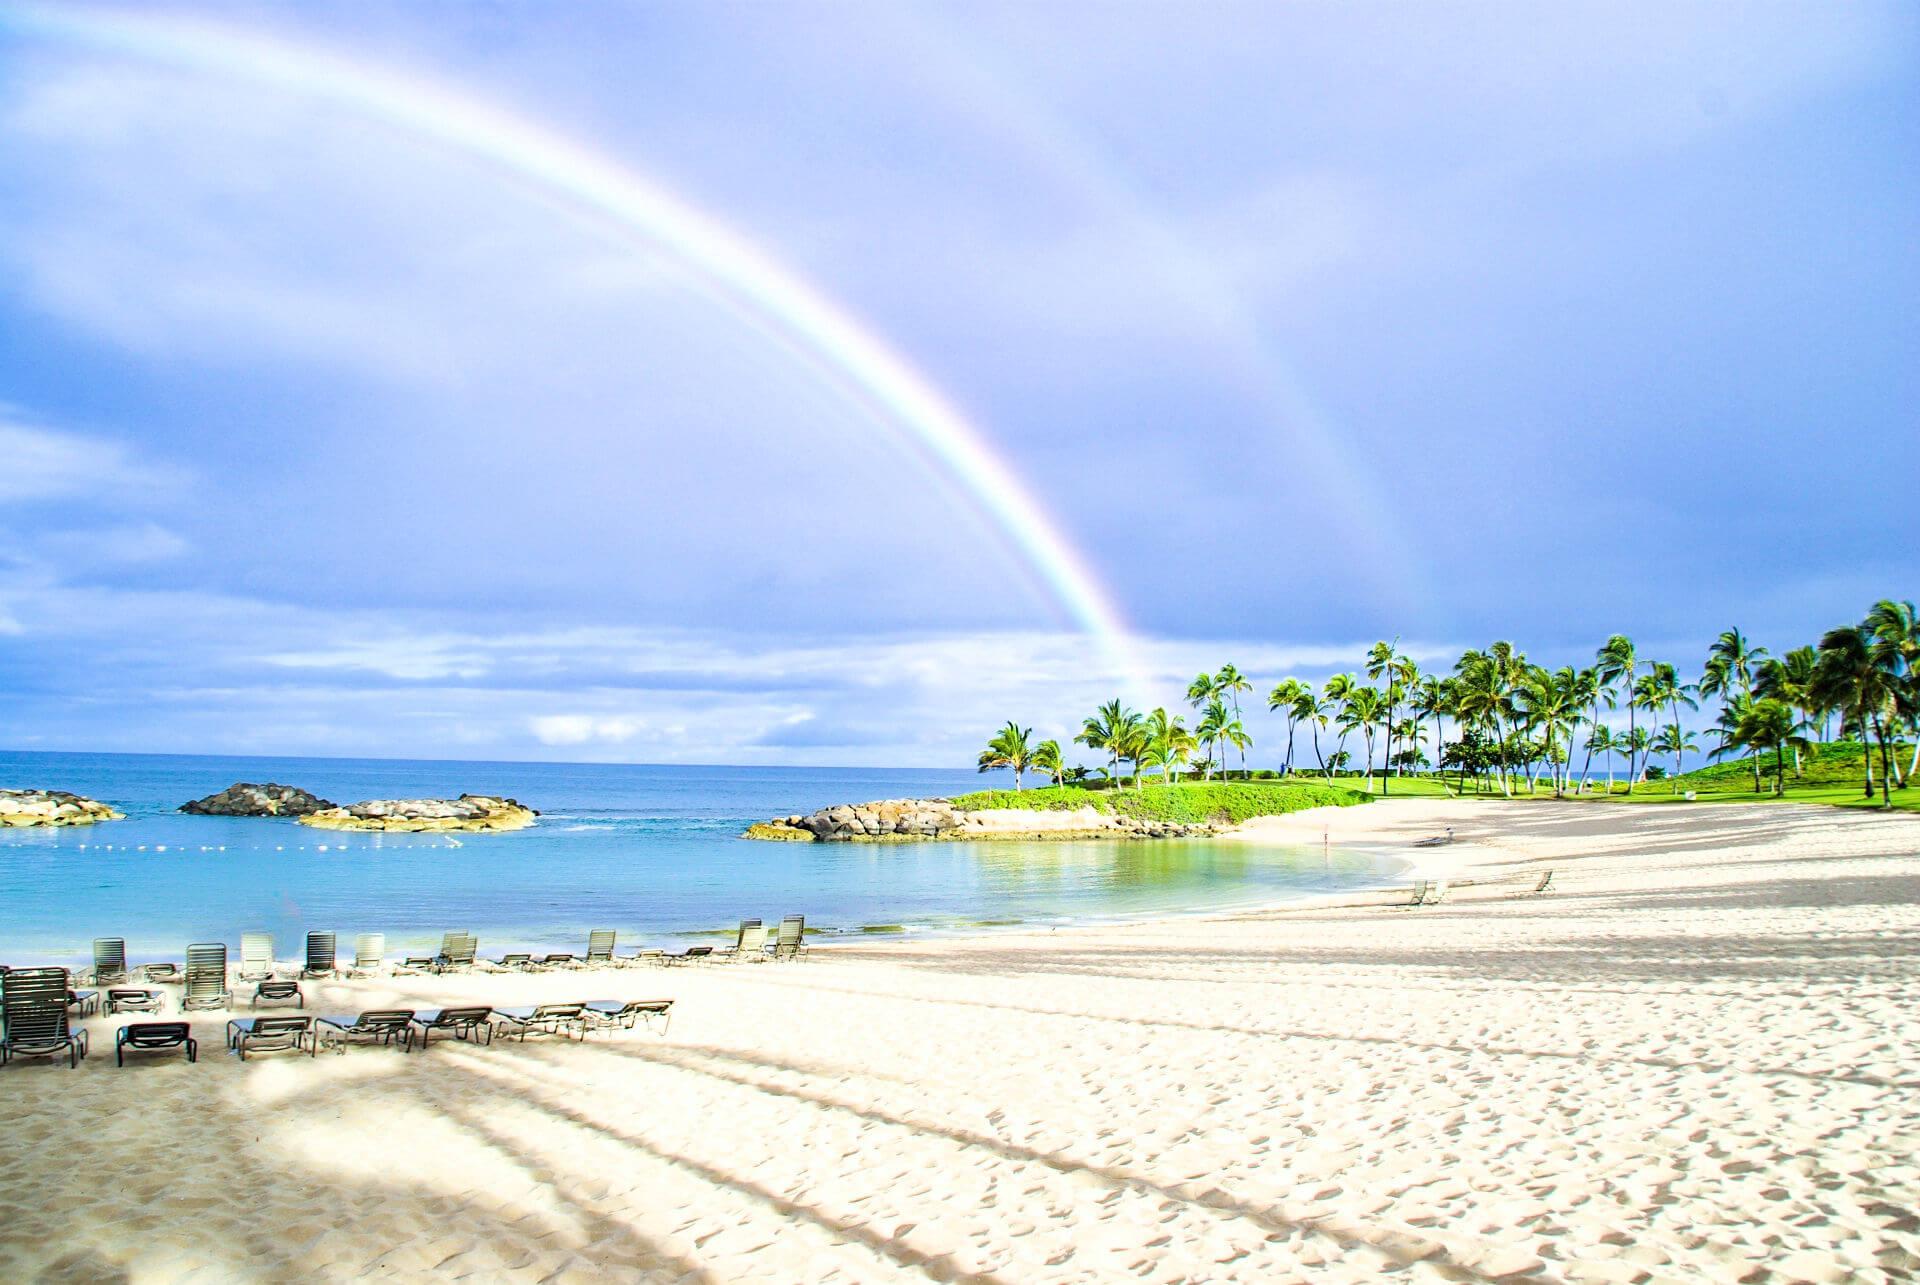 ハワイの海にかかる美しいレインボー